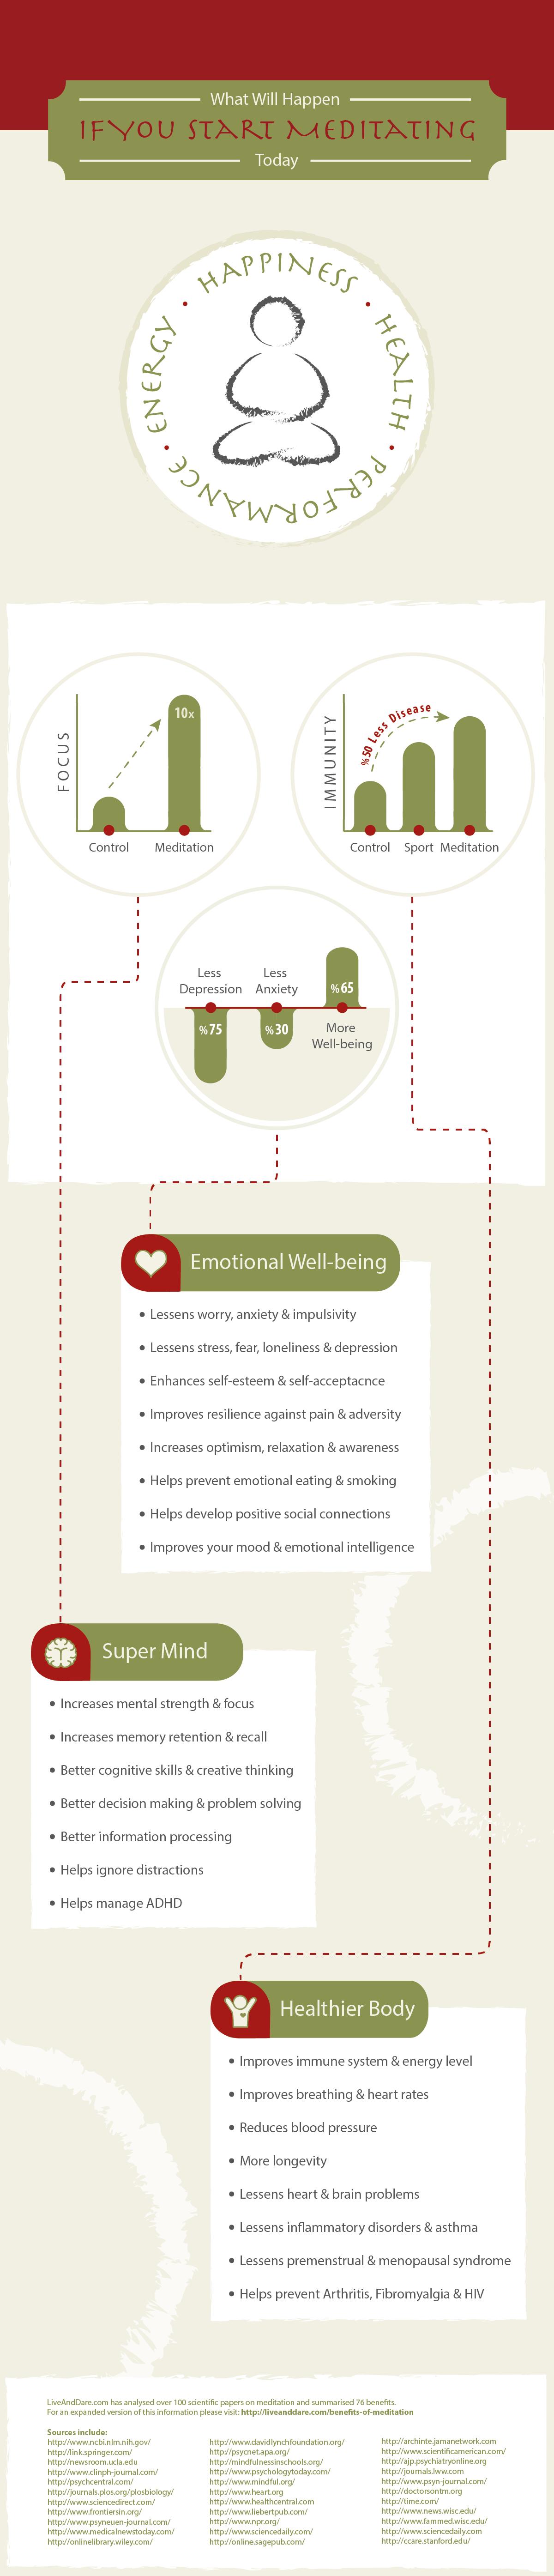 Image source http://liveanddare.com/benefits-of-meditation/